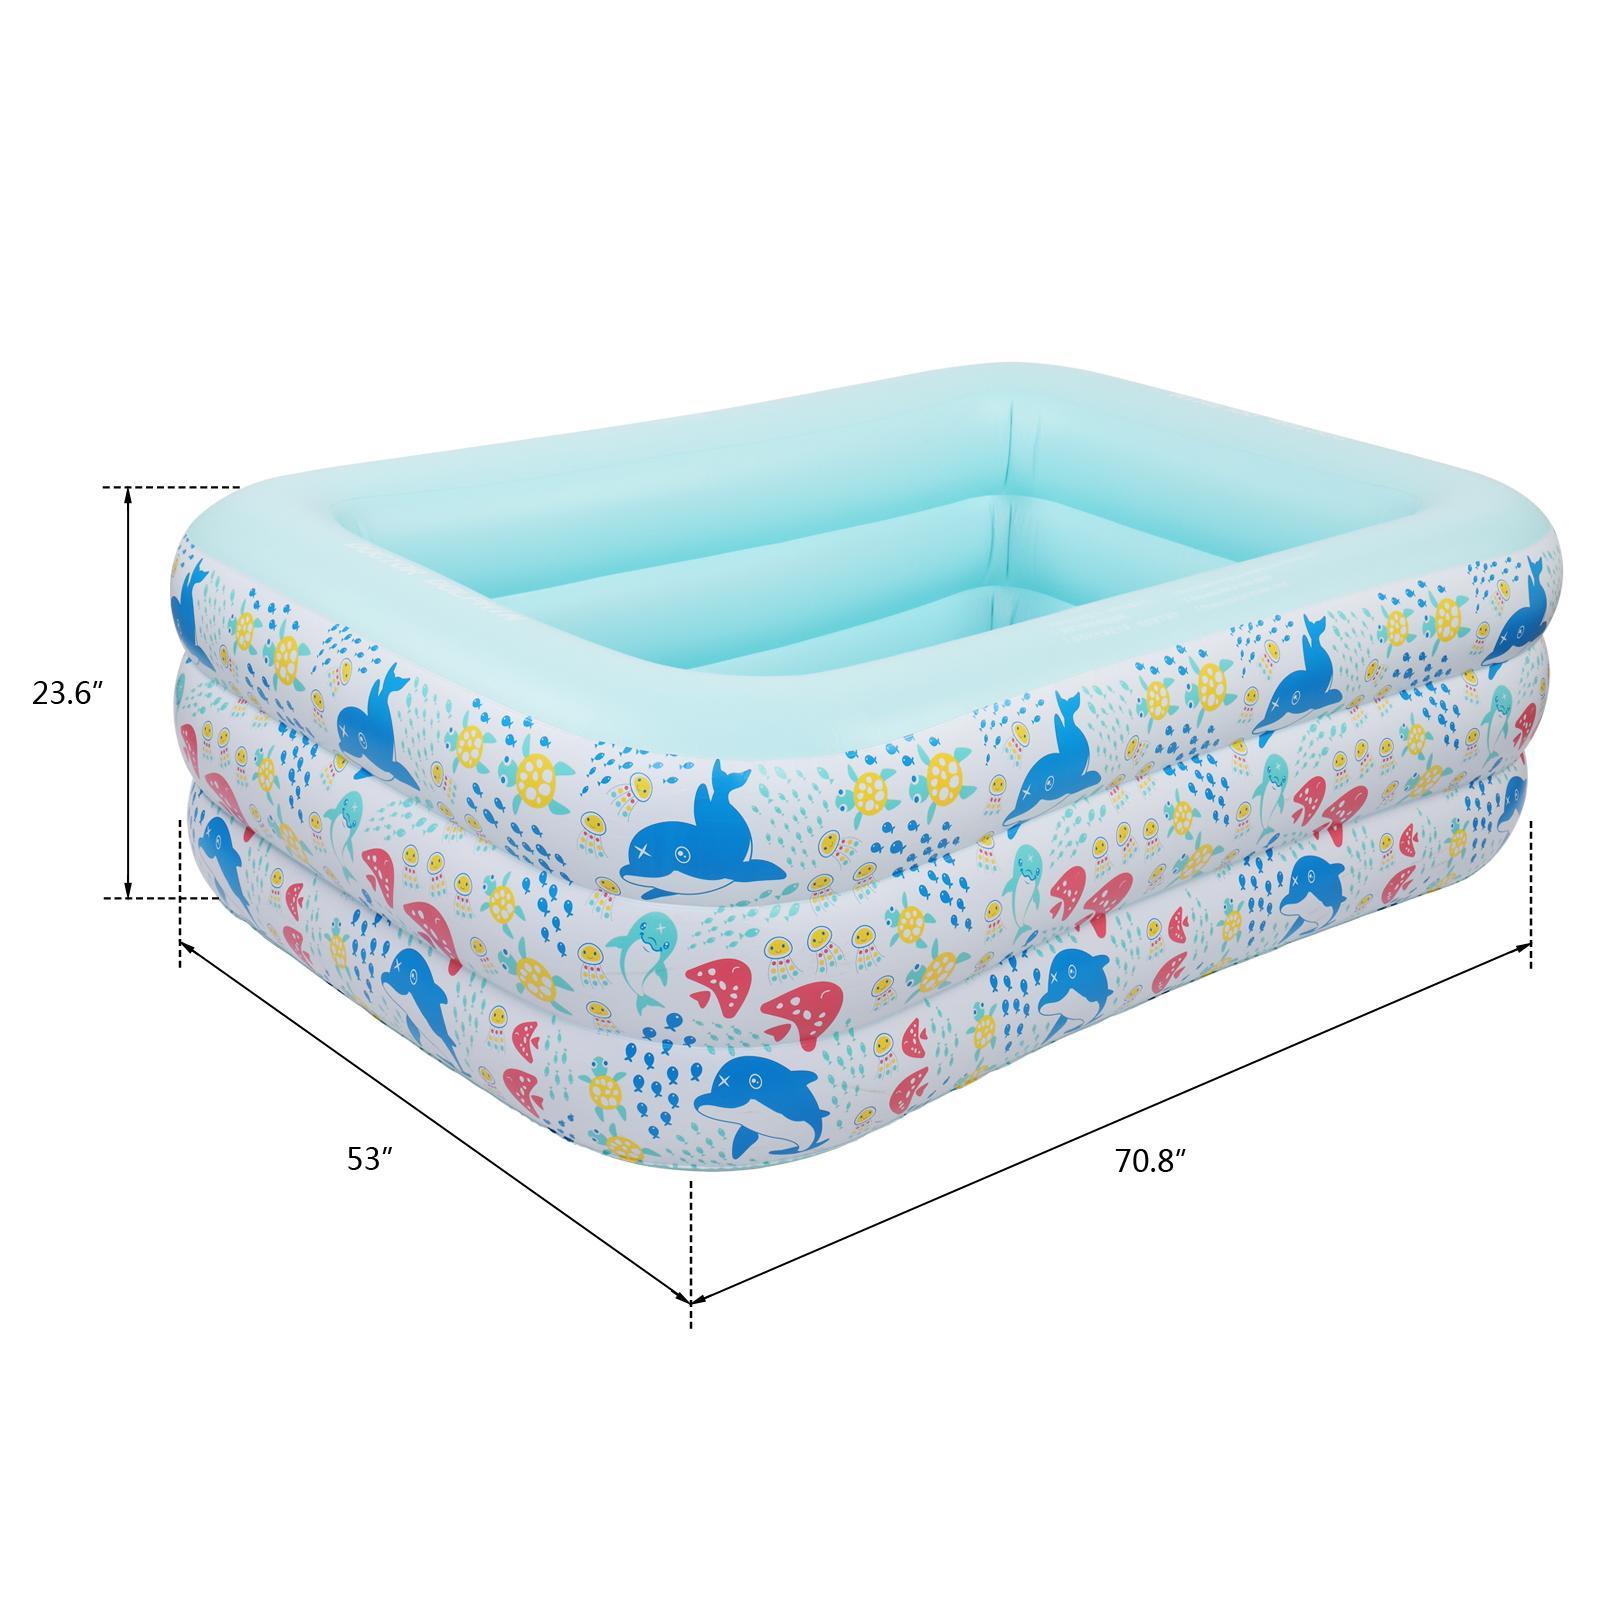 """Waco надувной бассейн для детей, дети, малыш, 70,8 """"x53"""" x23.6 """", на открытом воздухе, на заднем дворе, саду, крытый, лаундж взорвать кидди бассейны"""